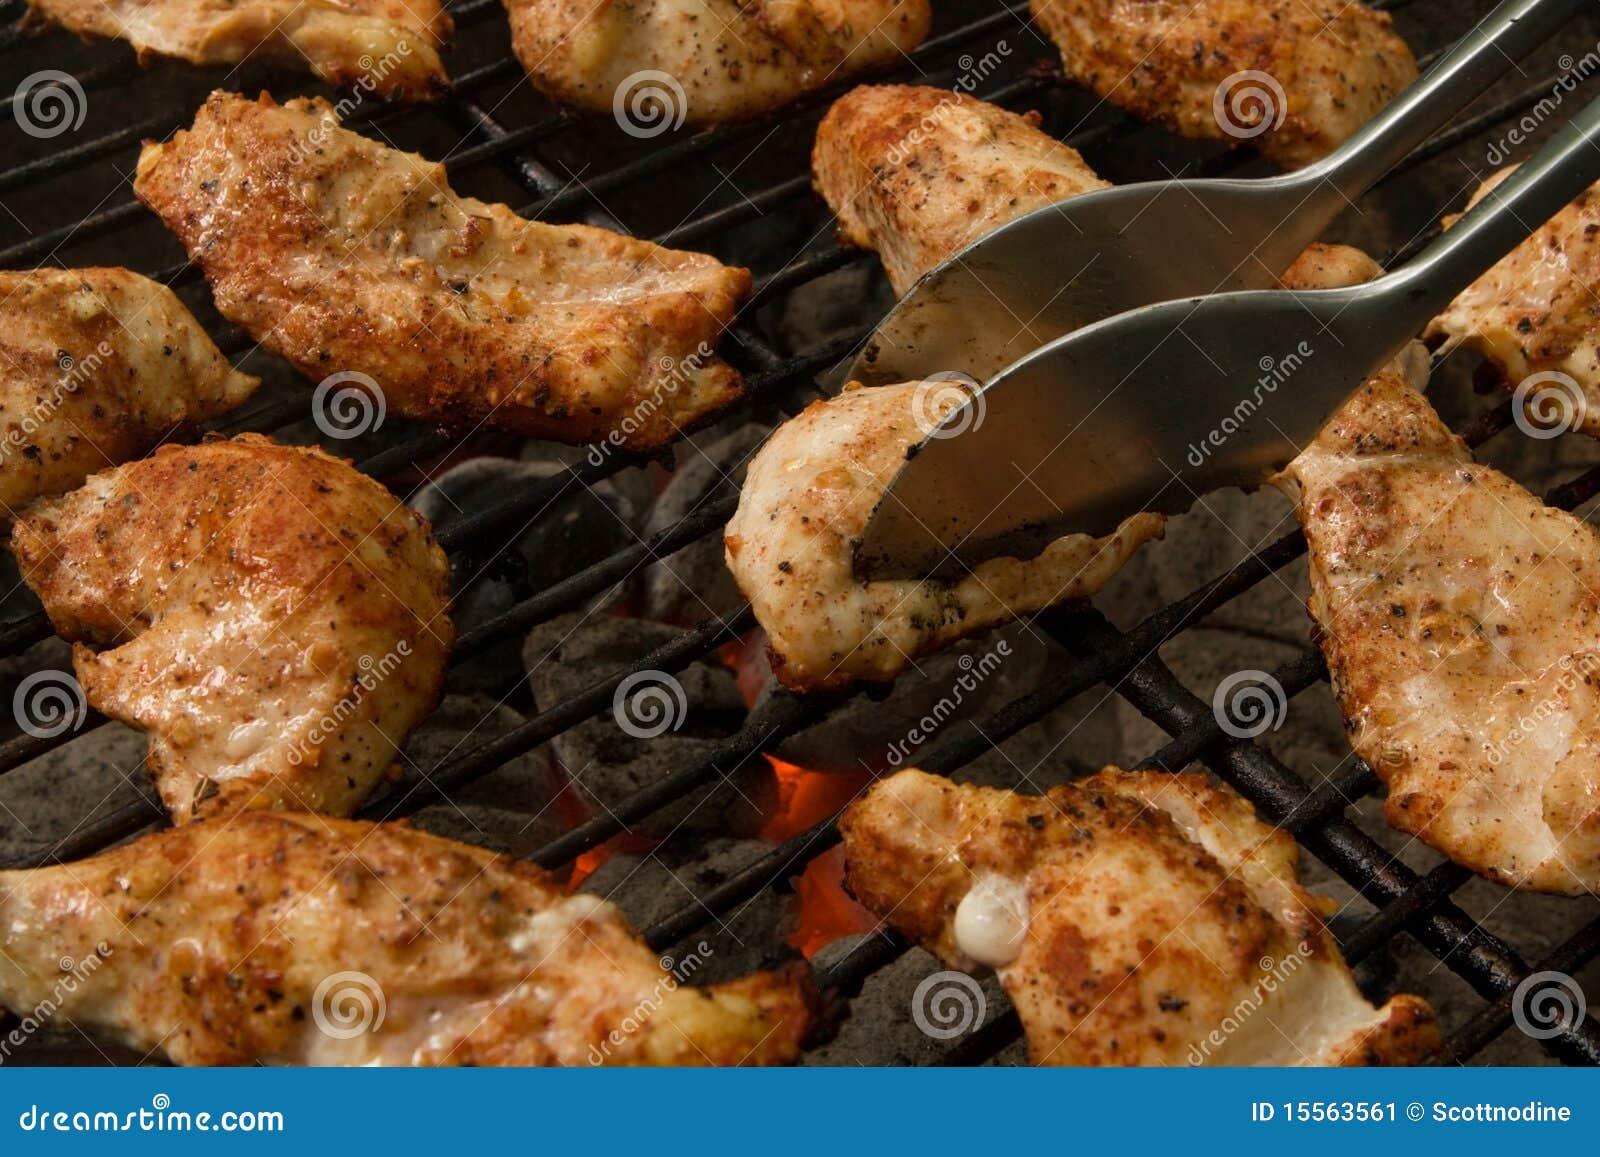 De geroosterde Offertes van de Kip op een Grill van de Houtskool